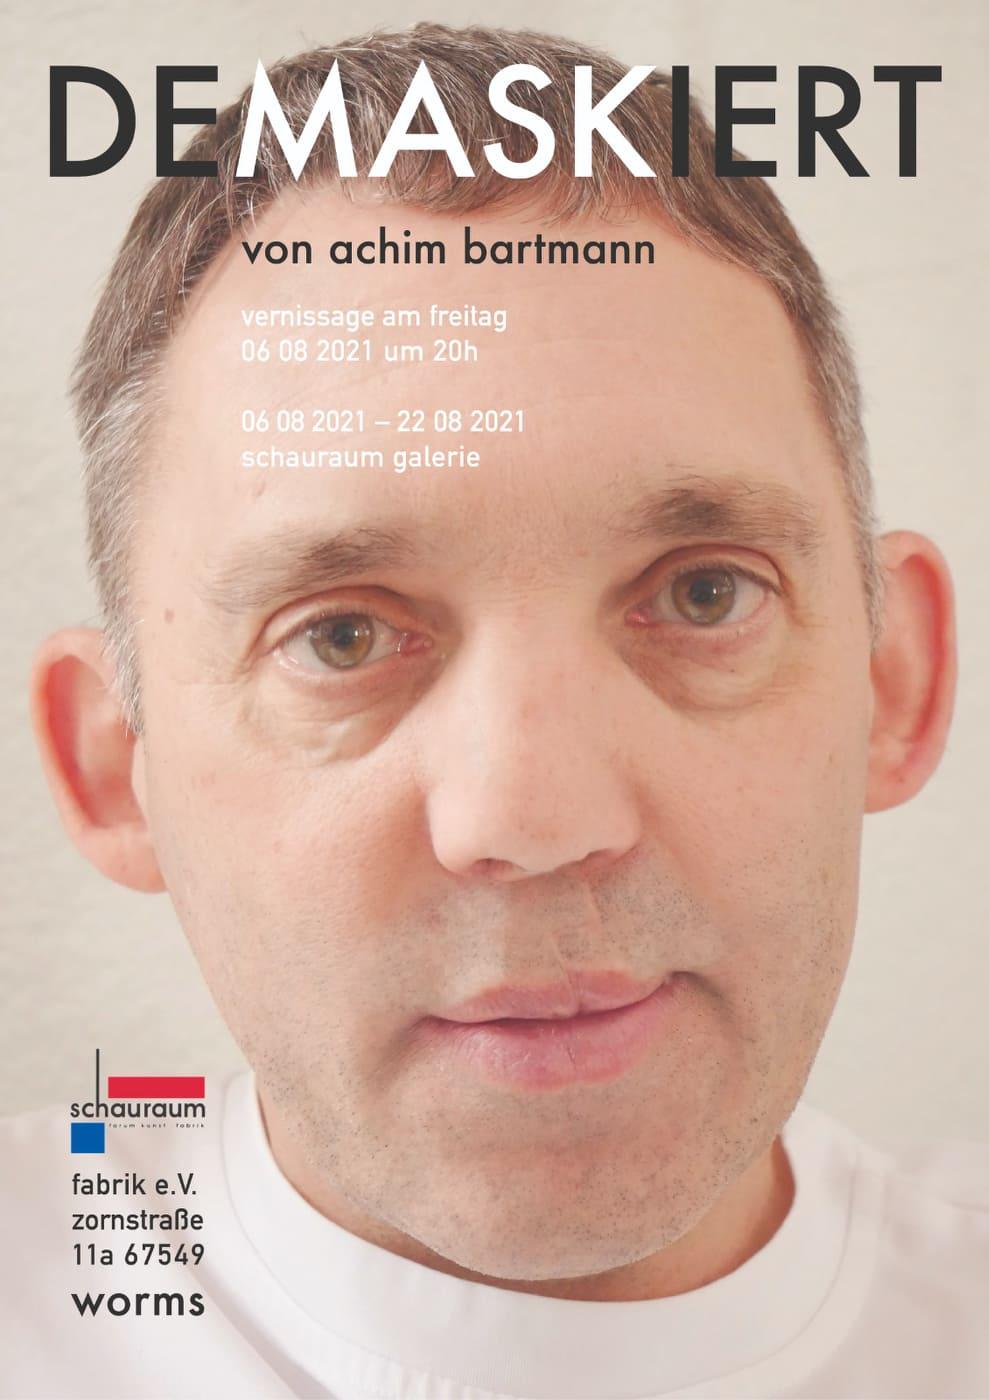 Achim Bartmann